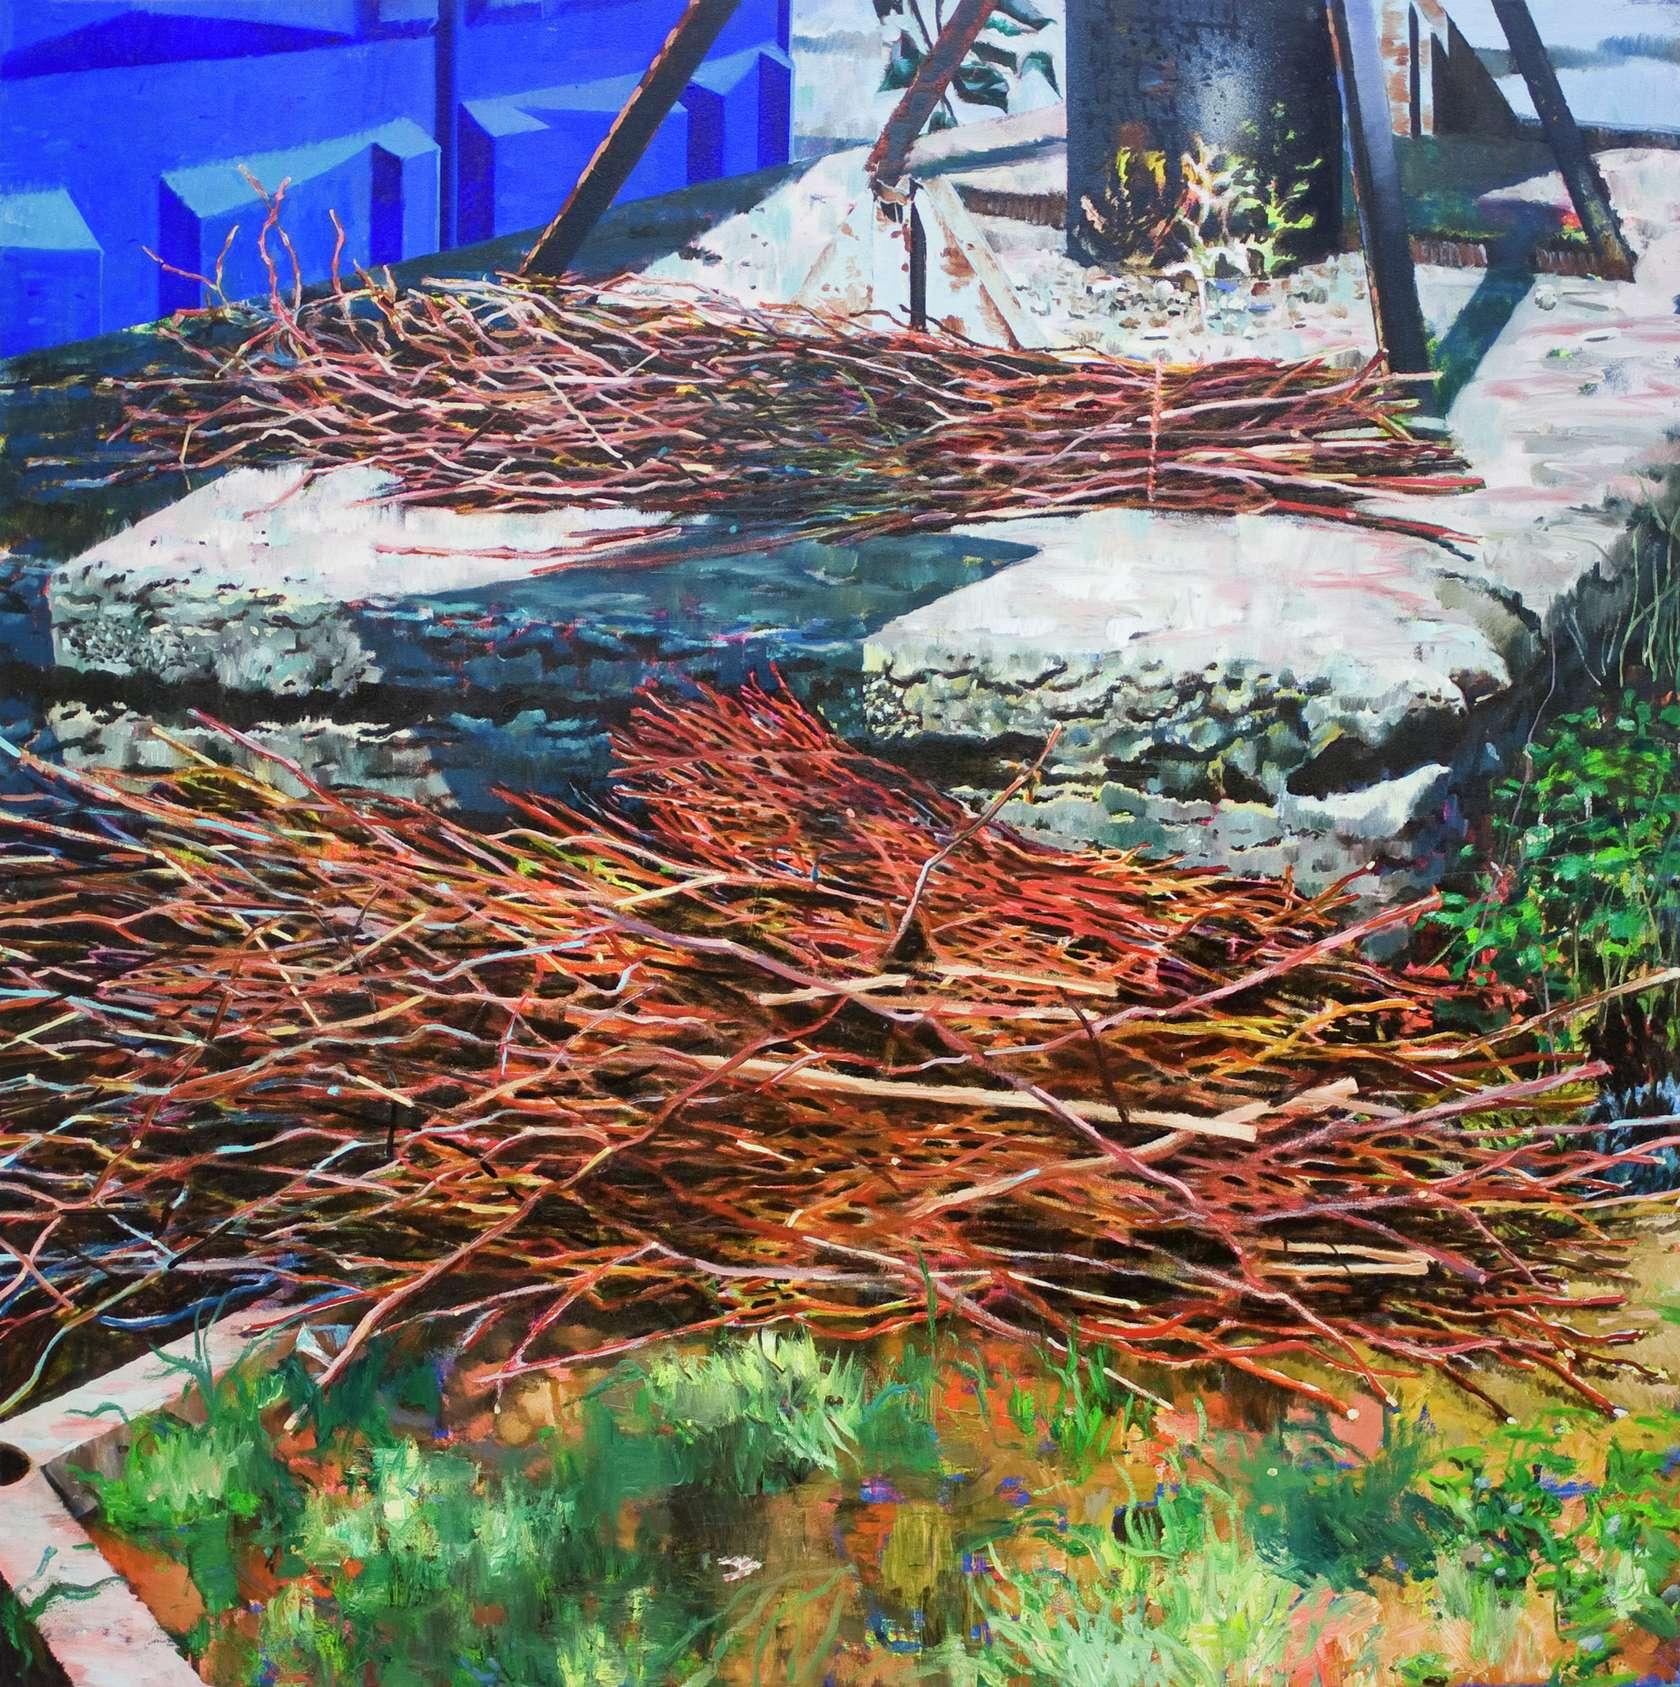 Laurent Proux, Fagots. Partizanskaya, Moscou, 2010 Huile sur toile130 x 130 cm / 51 1/8 x 51 1/8 inches